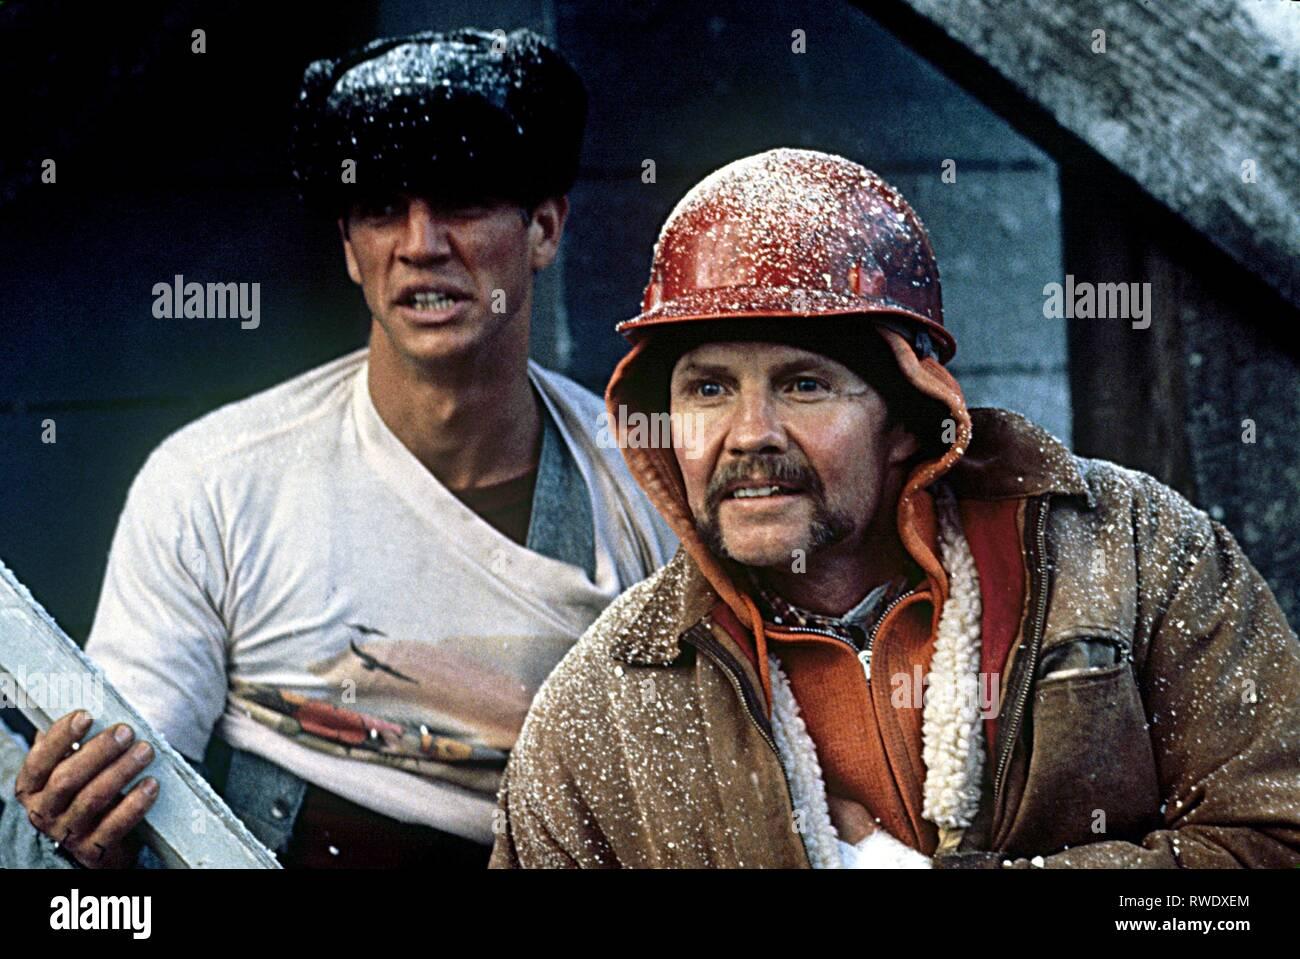 ROBERTS,VOIGHT, treno impazzito, 1985 Immagini Stock